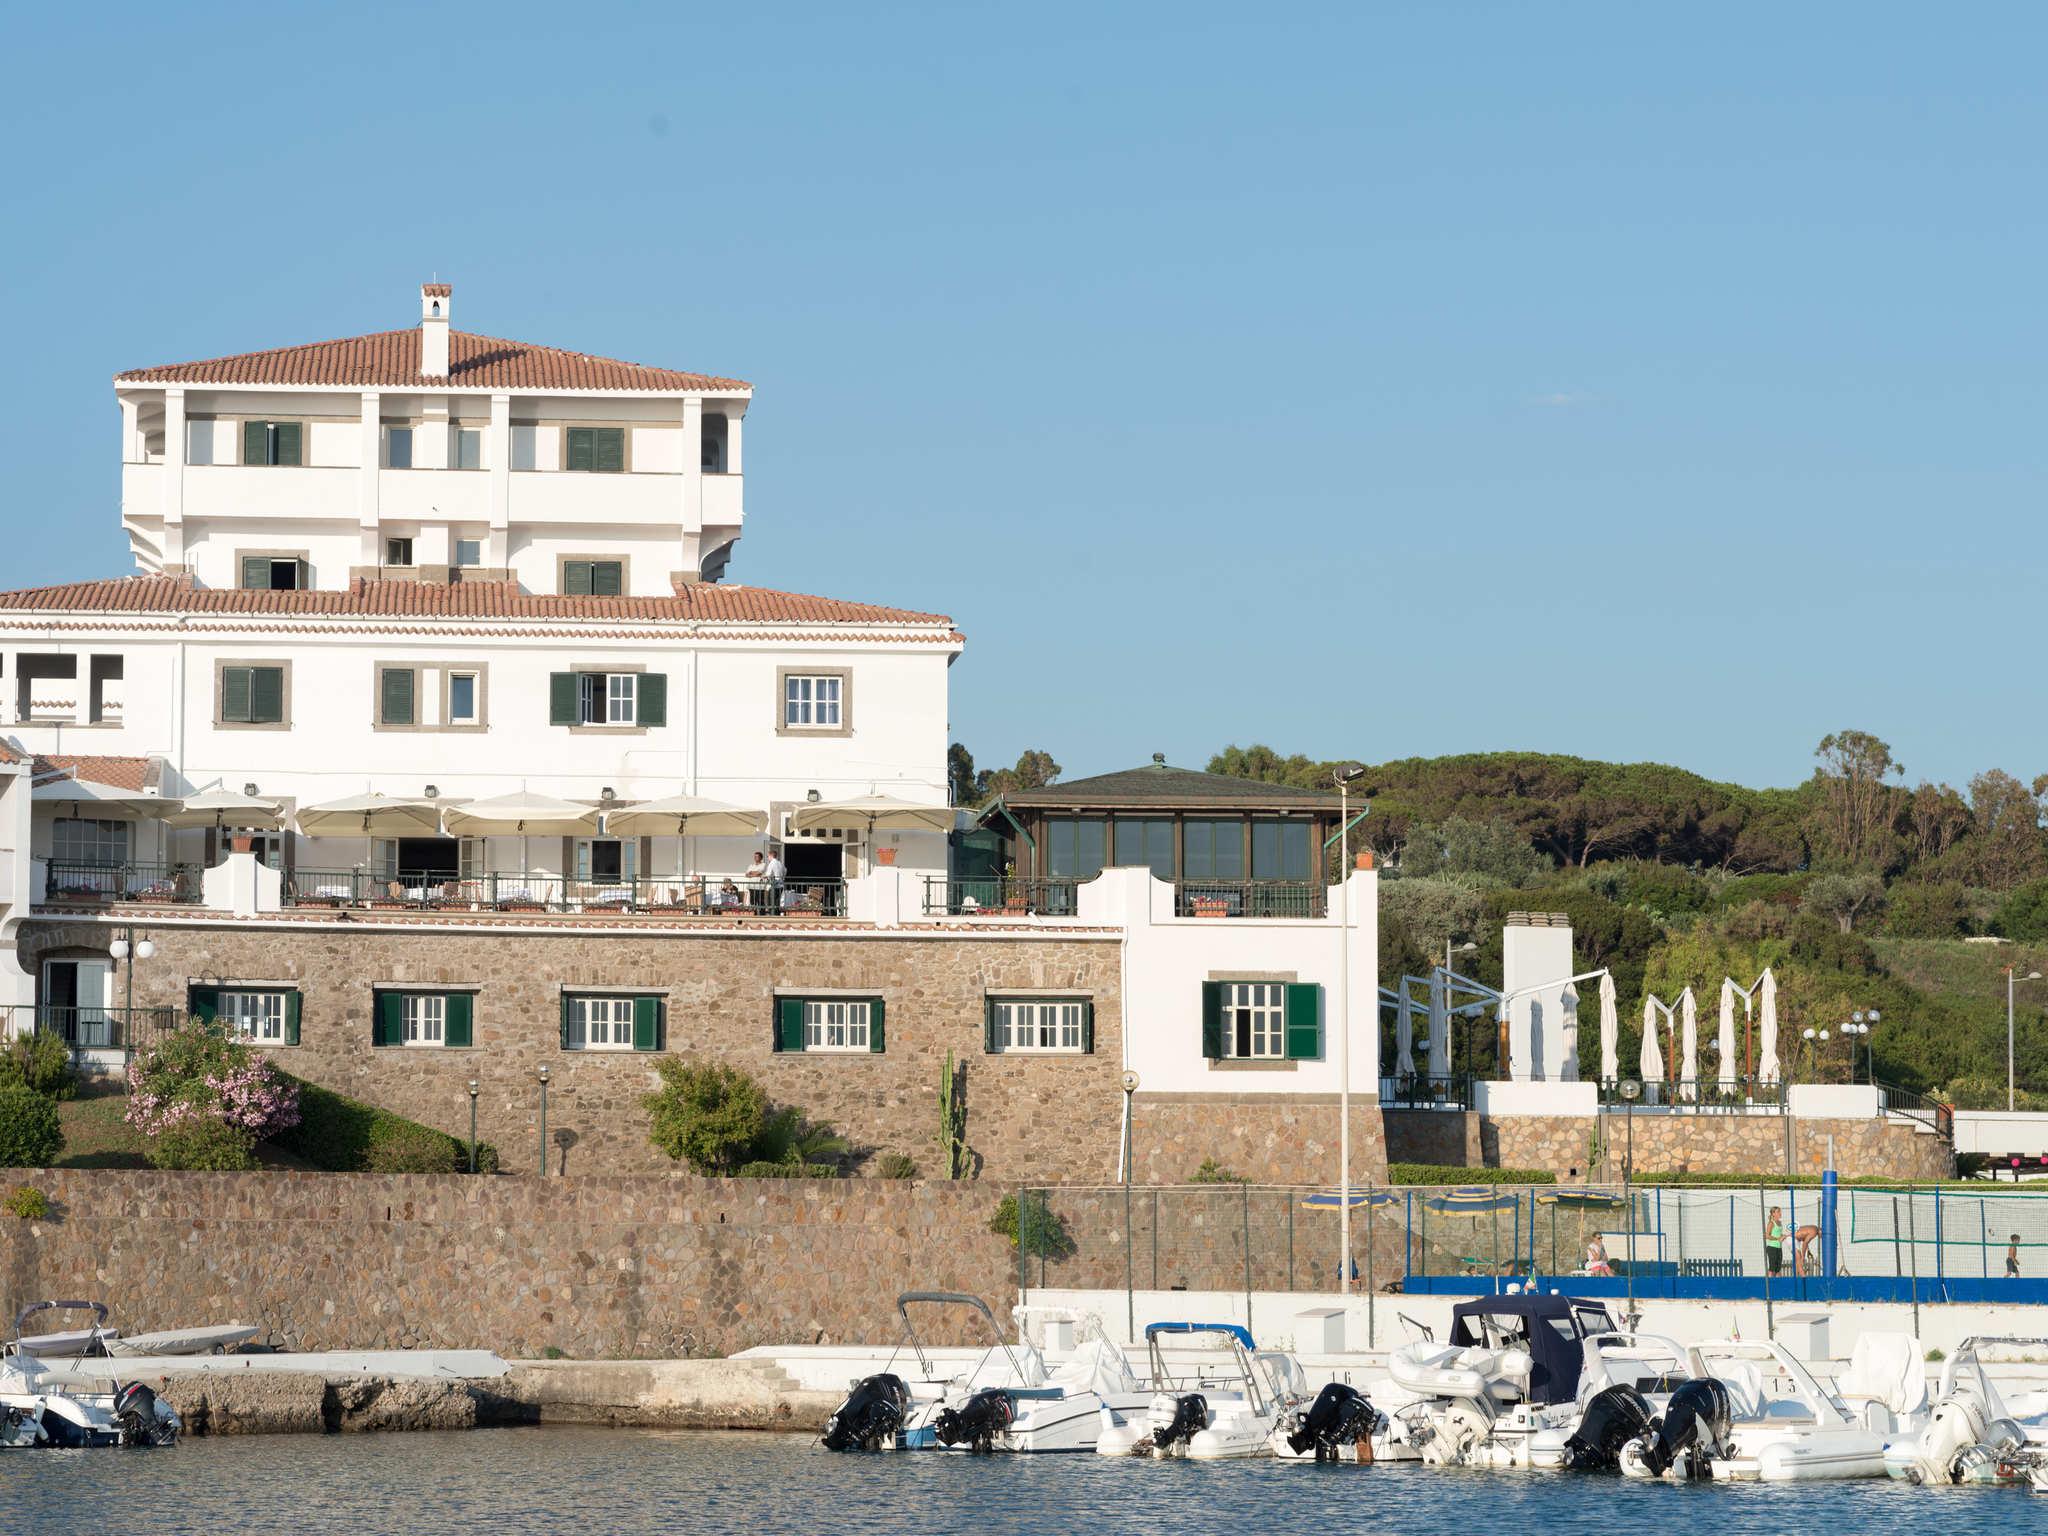 Hotell – Mercure Civitavecchia Sunbay Park Hotel